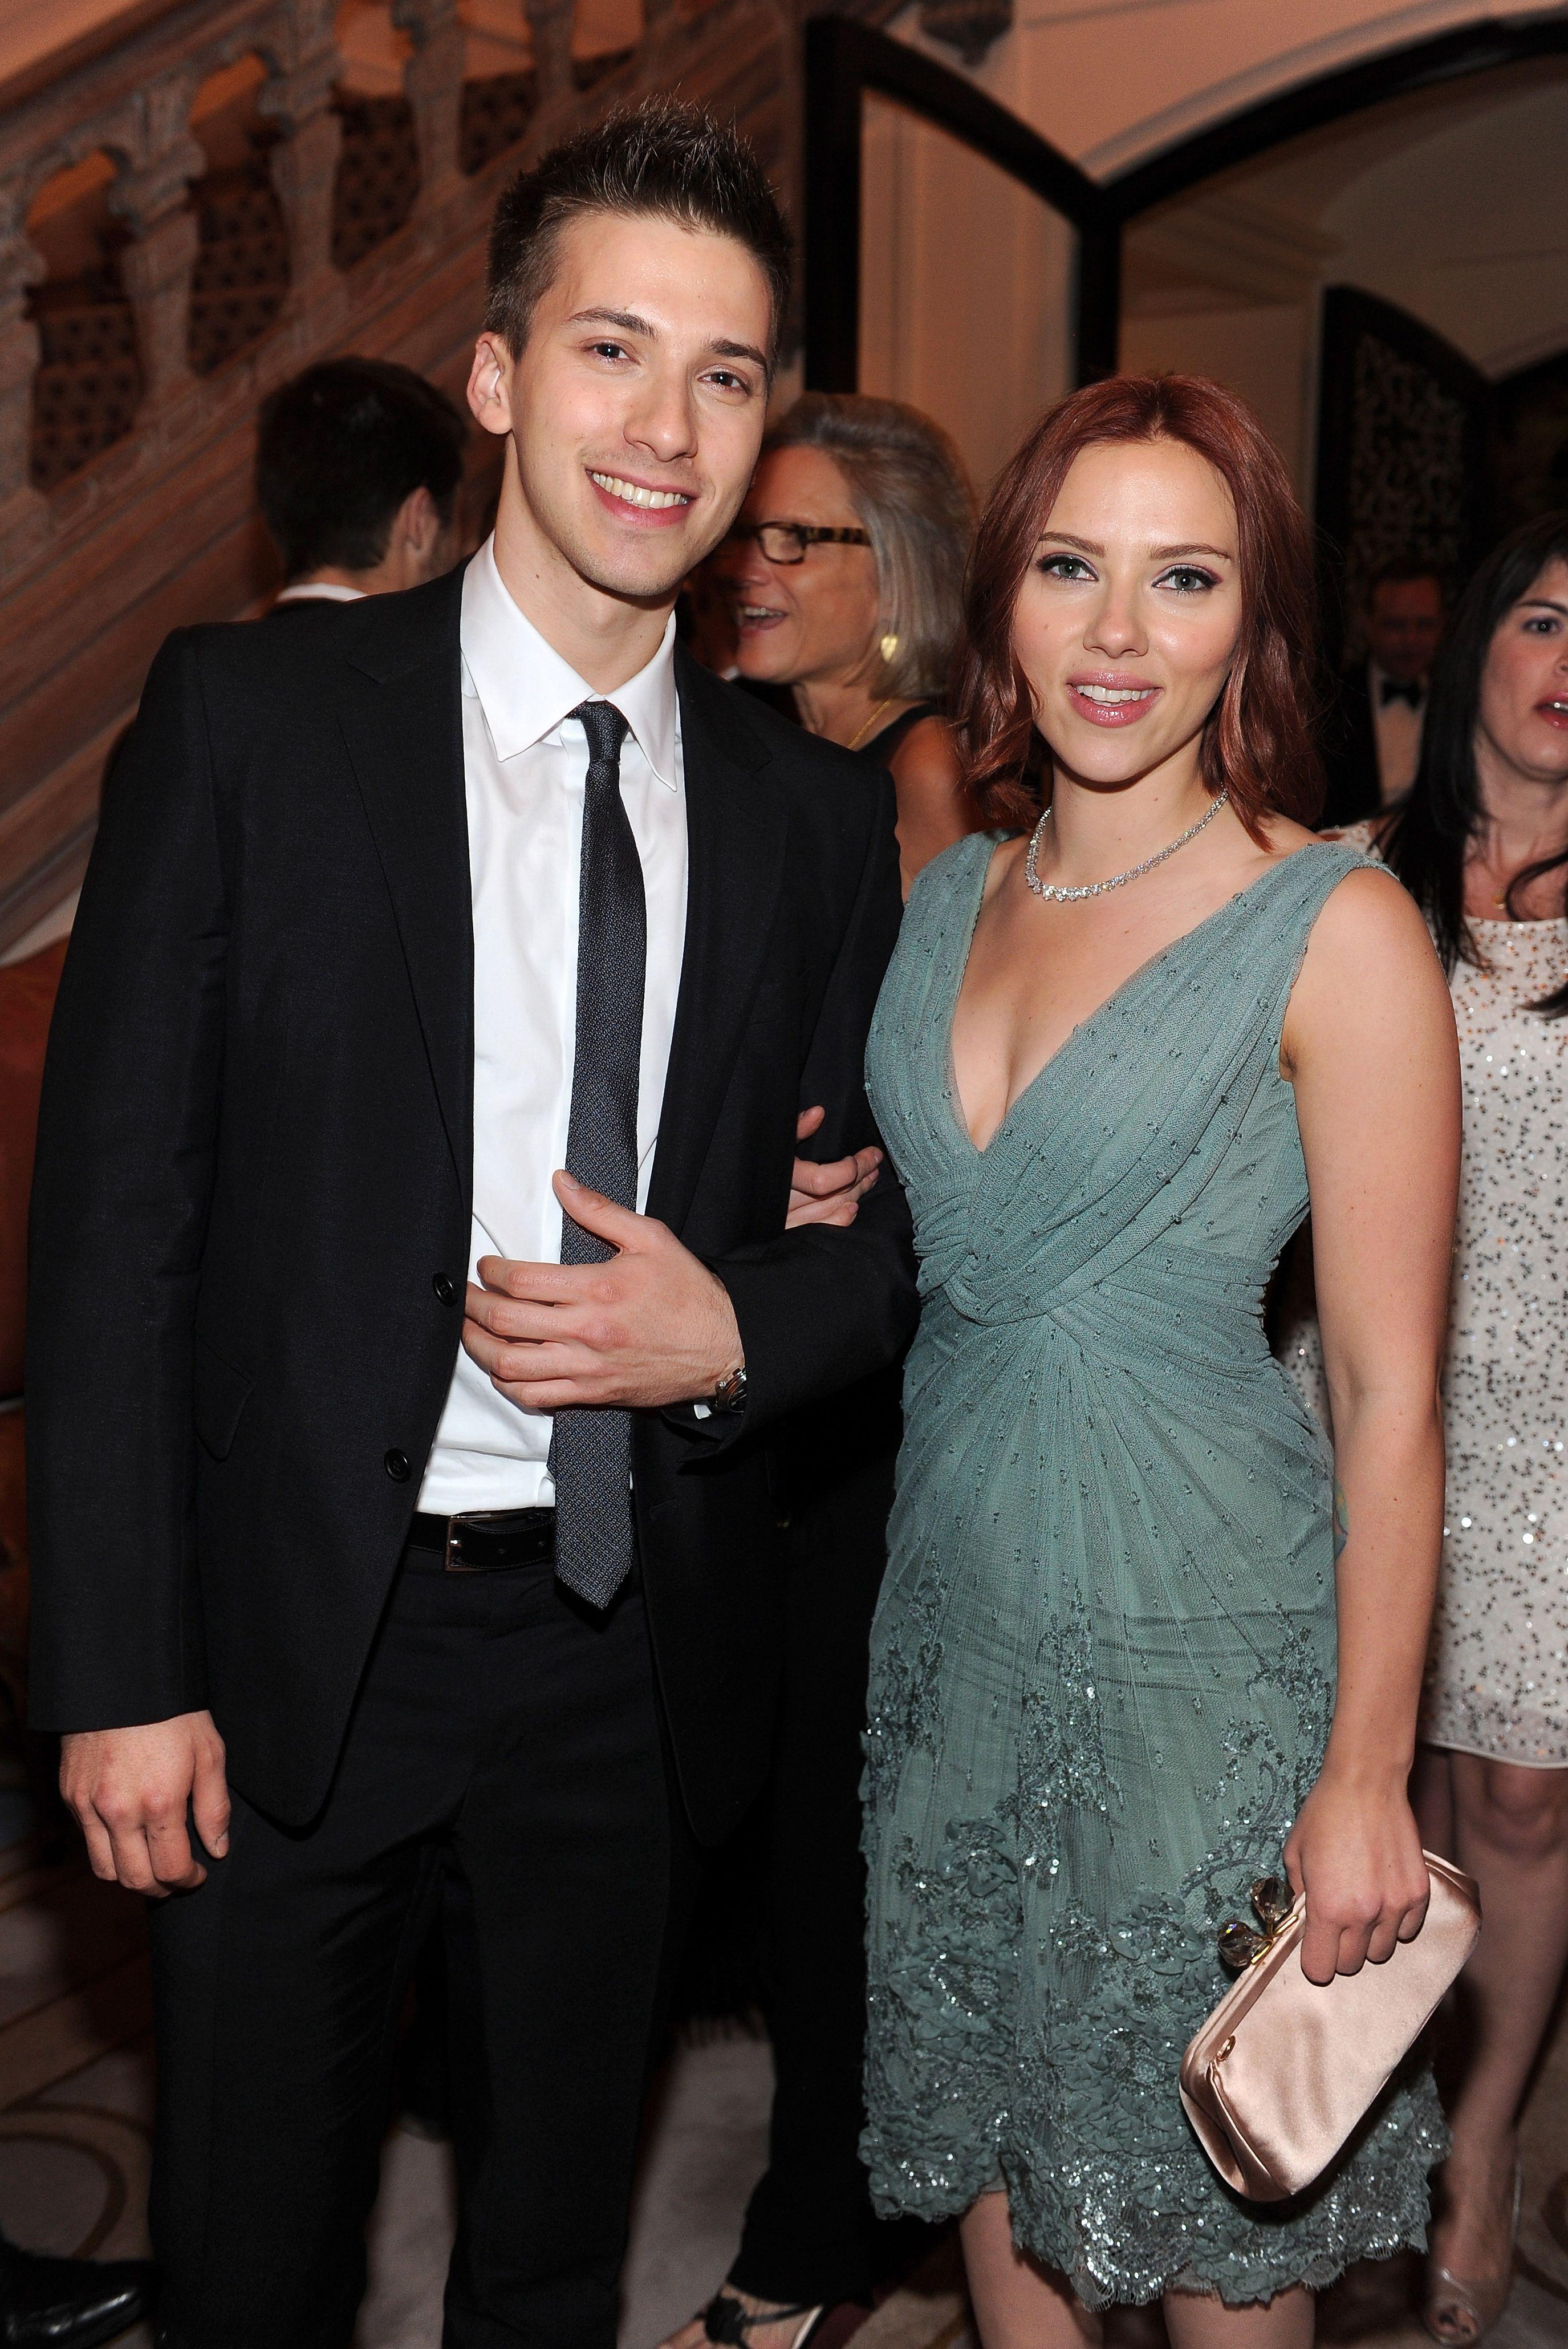 Hunter and Scarlett Johansson